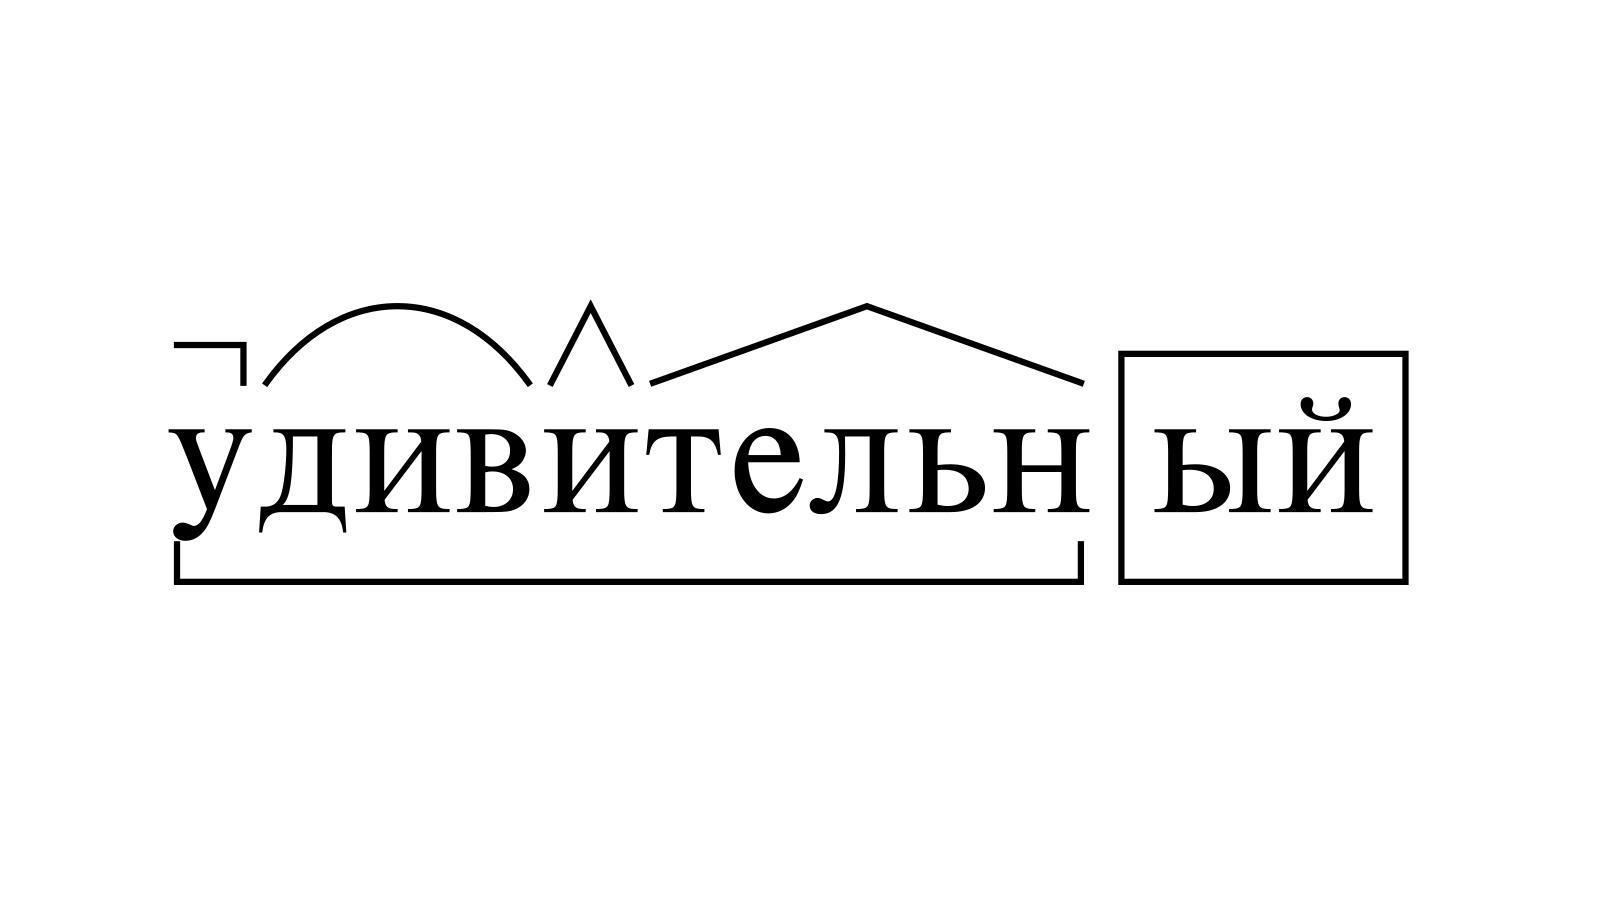 Разбор слова «удивительный» по составу